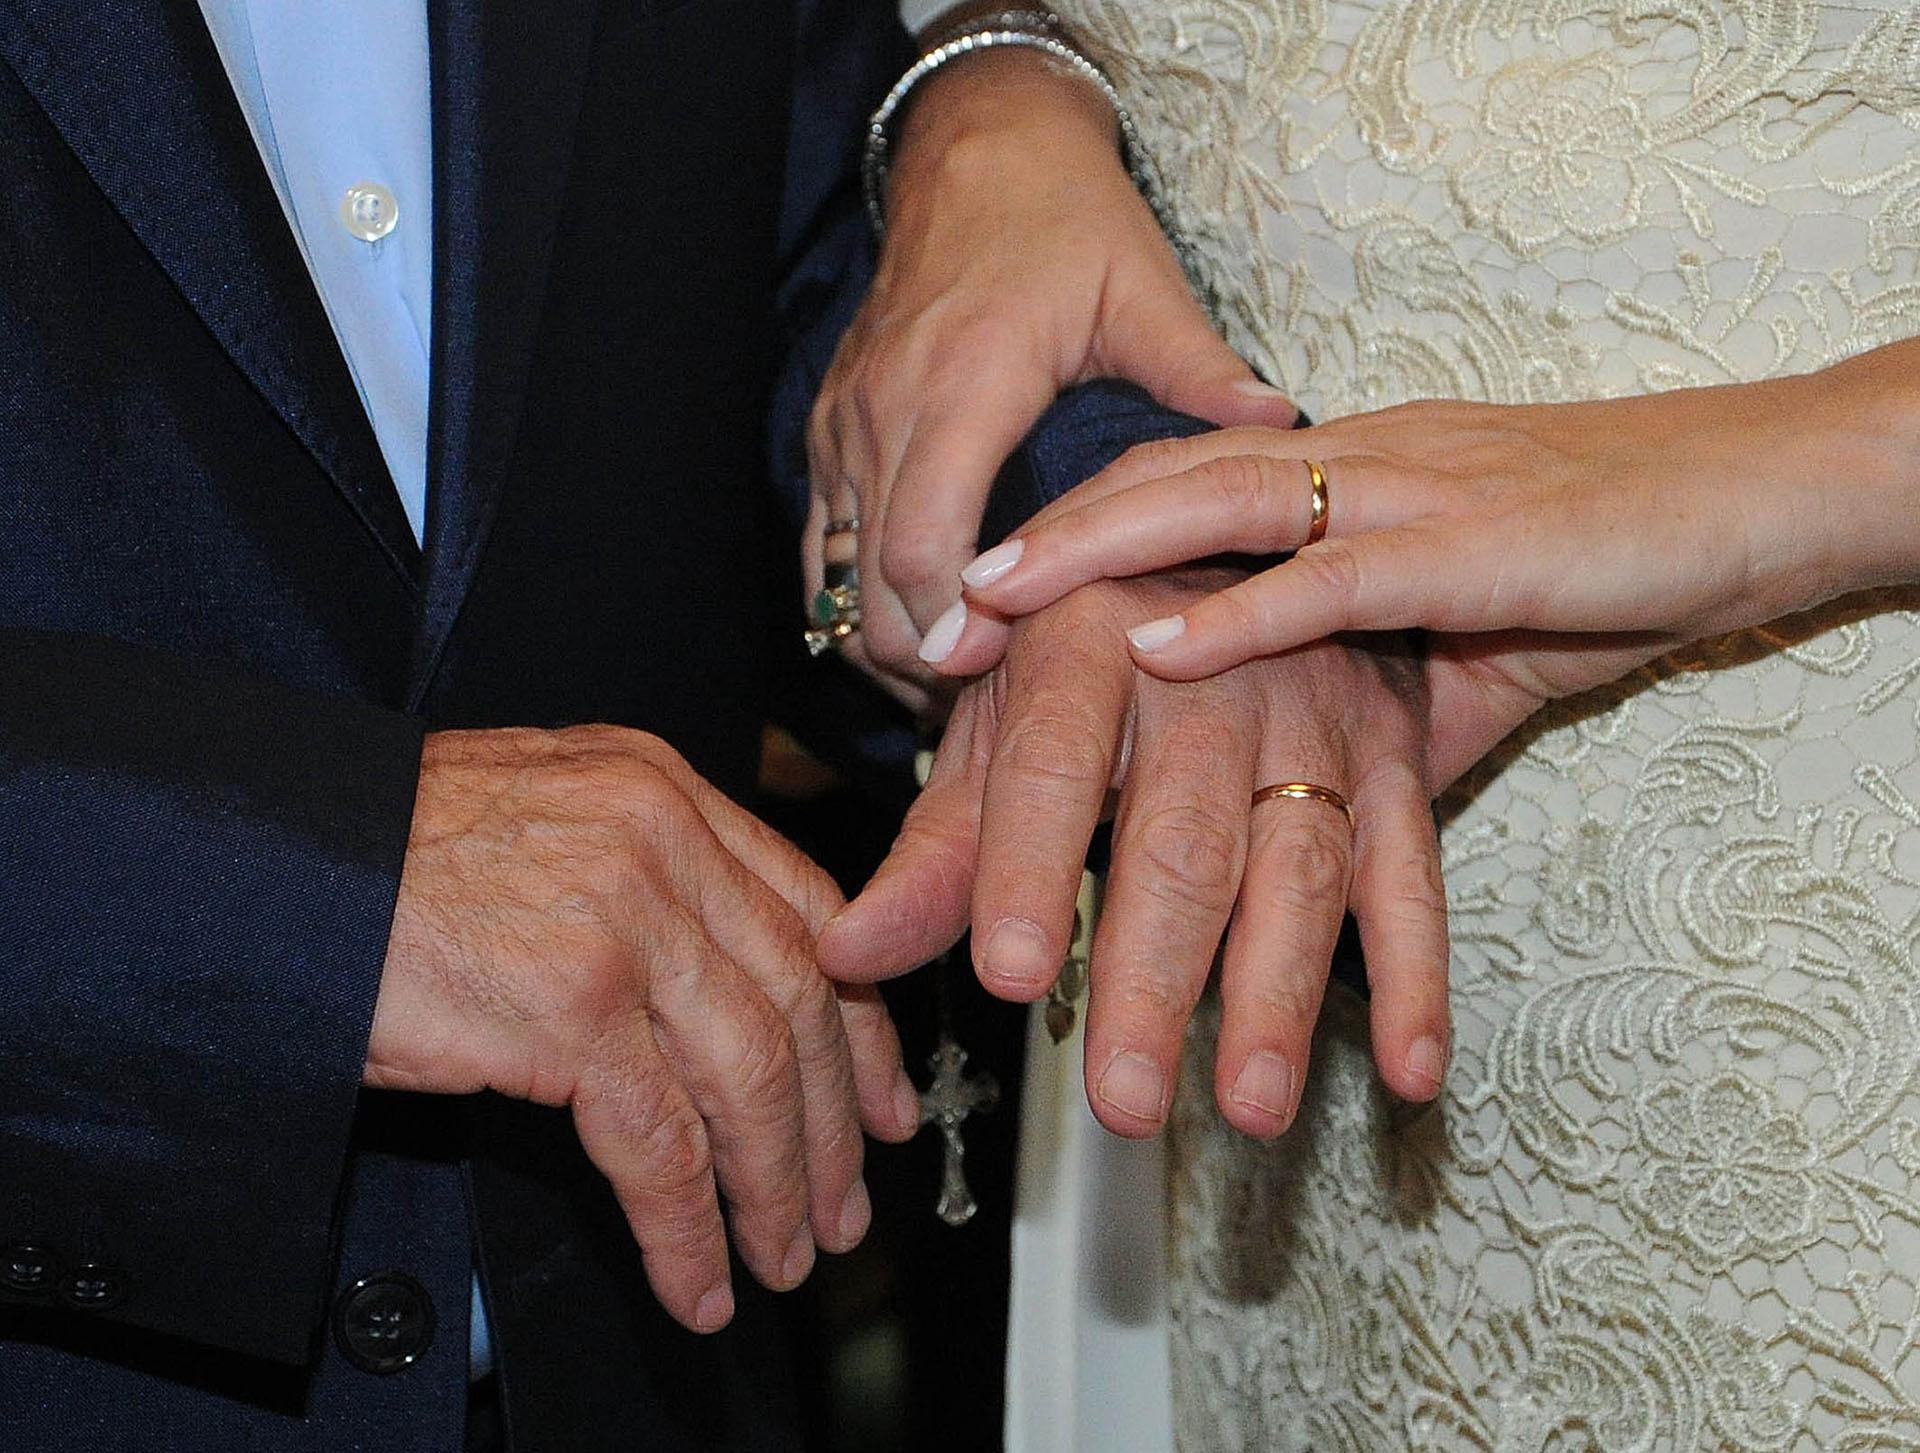 Las alianzas bendecidas en las manos de Horacio Pagani y Cecilia Di Carlo